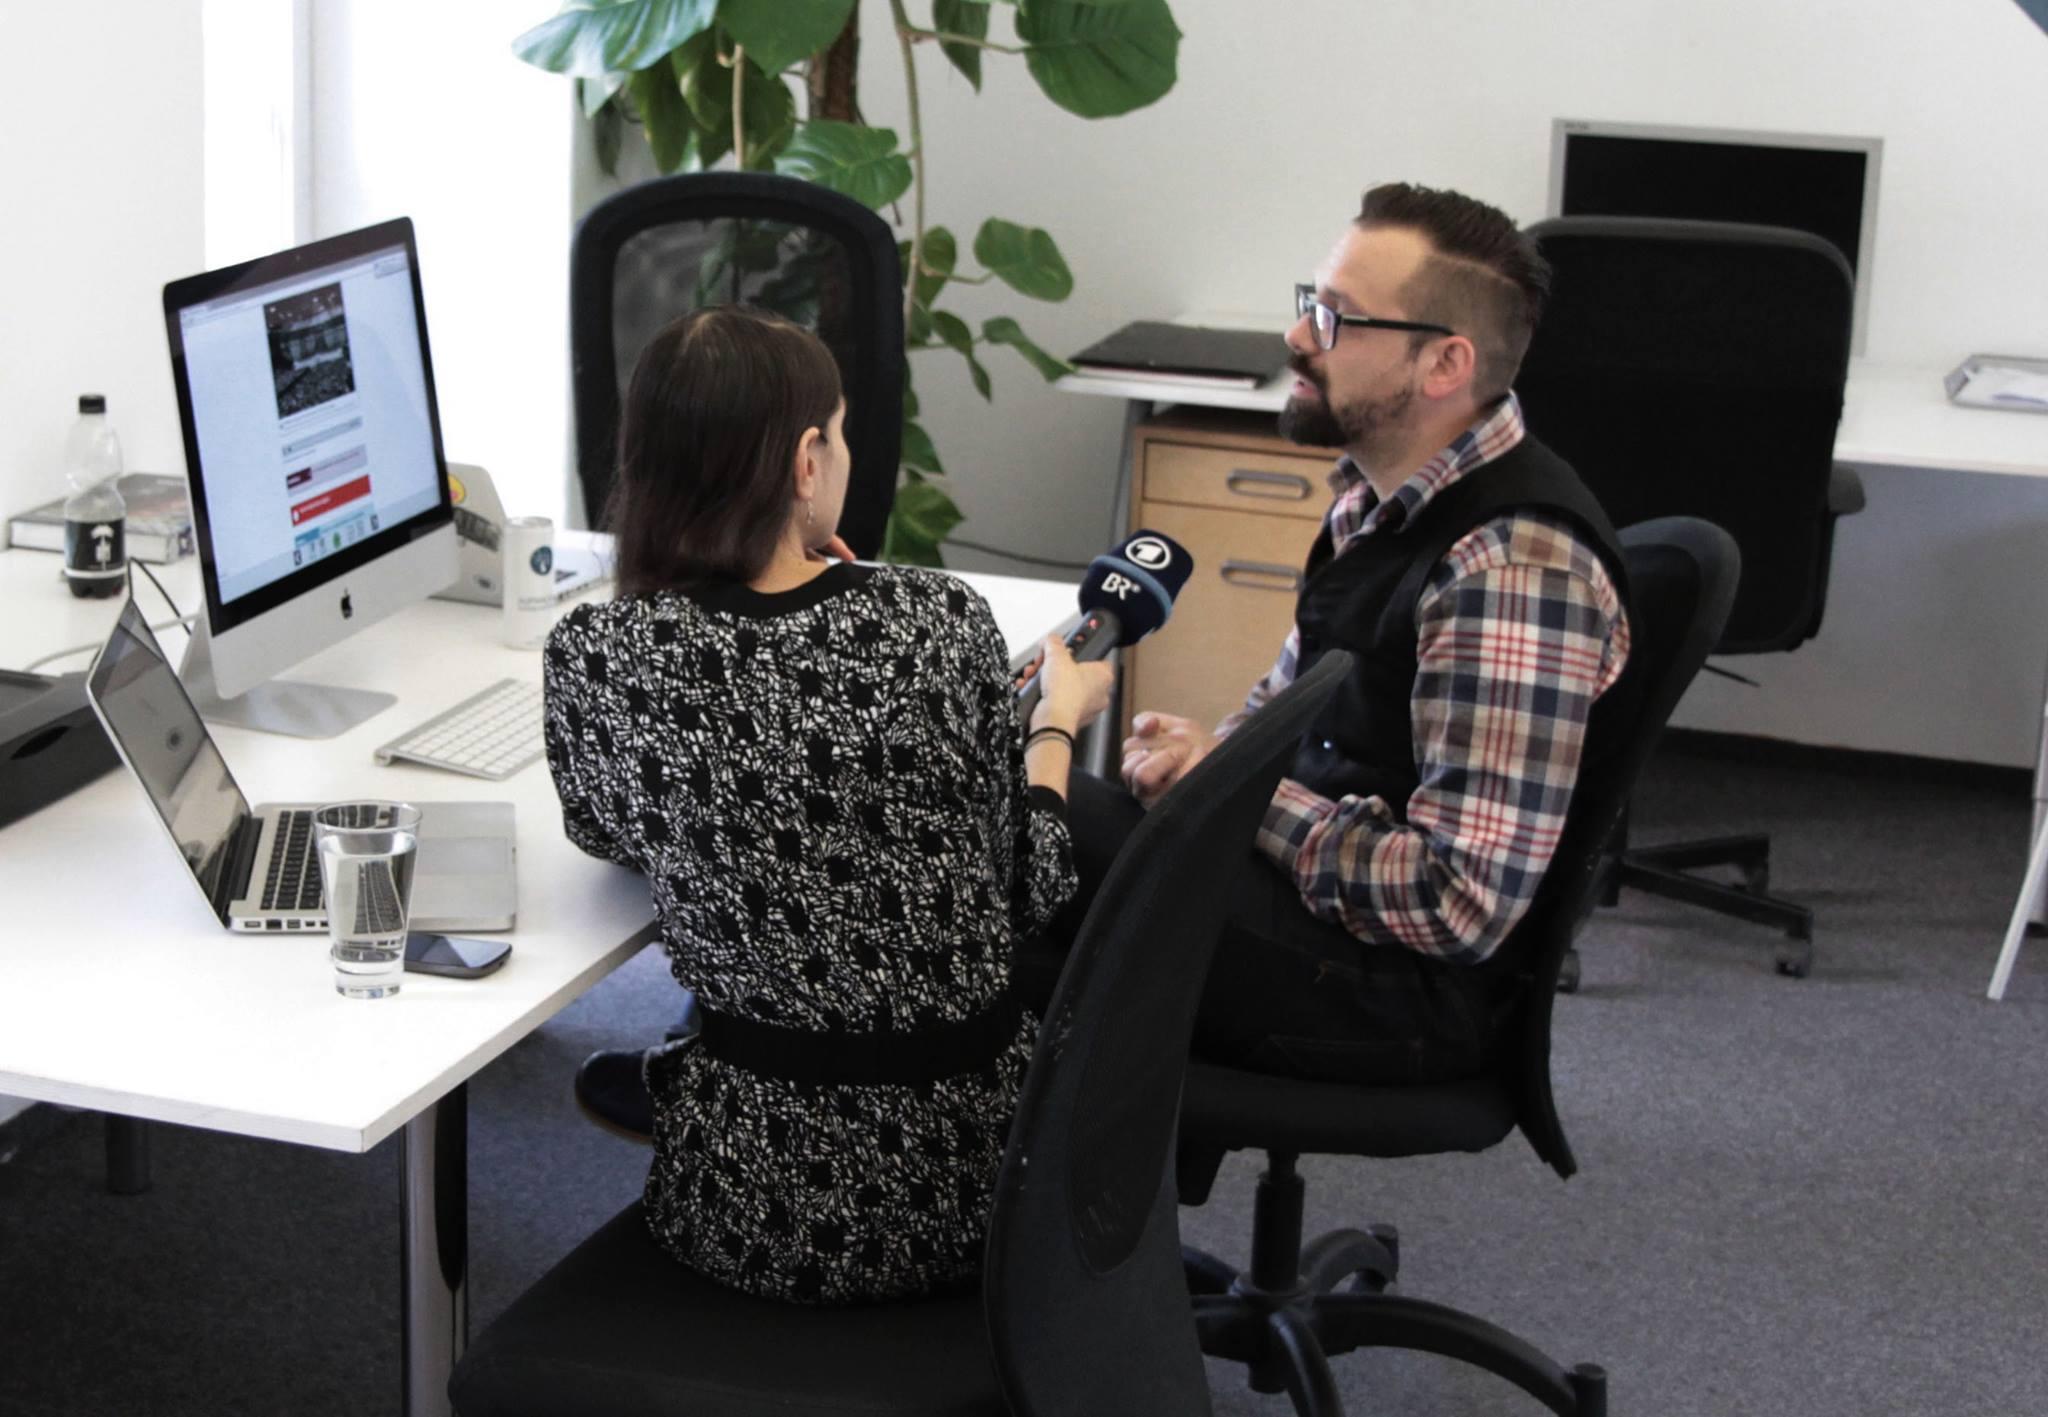 Florian Sochatzy vom Institut für digitales Lernen im Interview mit dem bayerischen Fernsehen